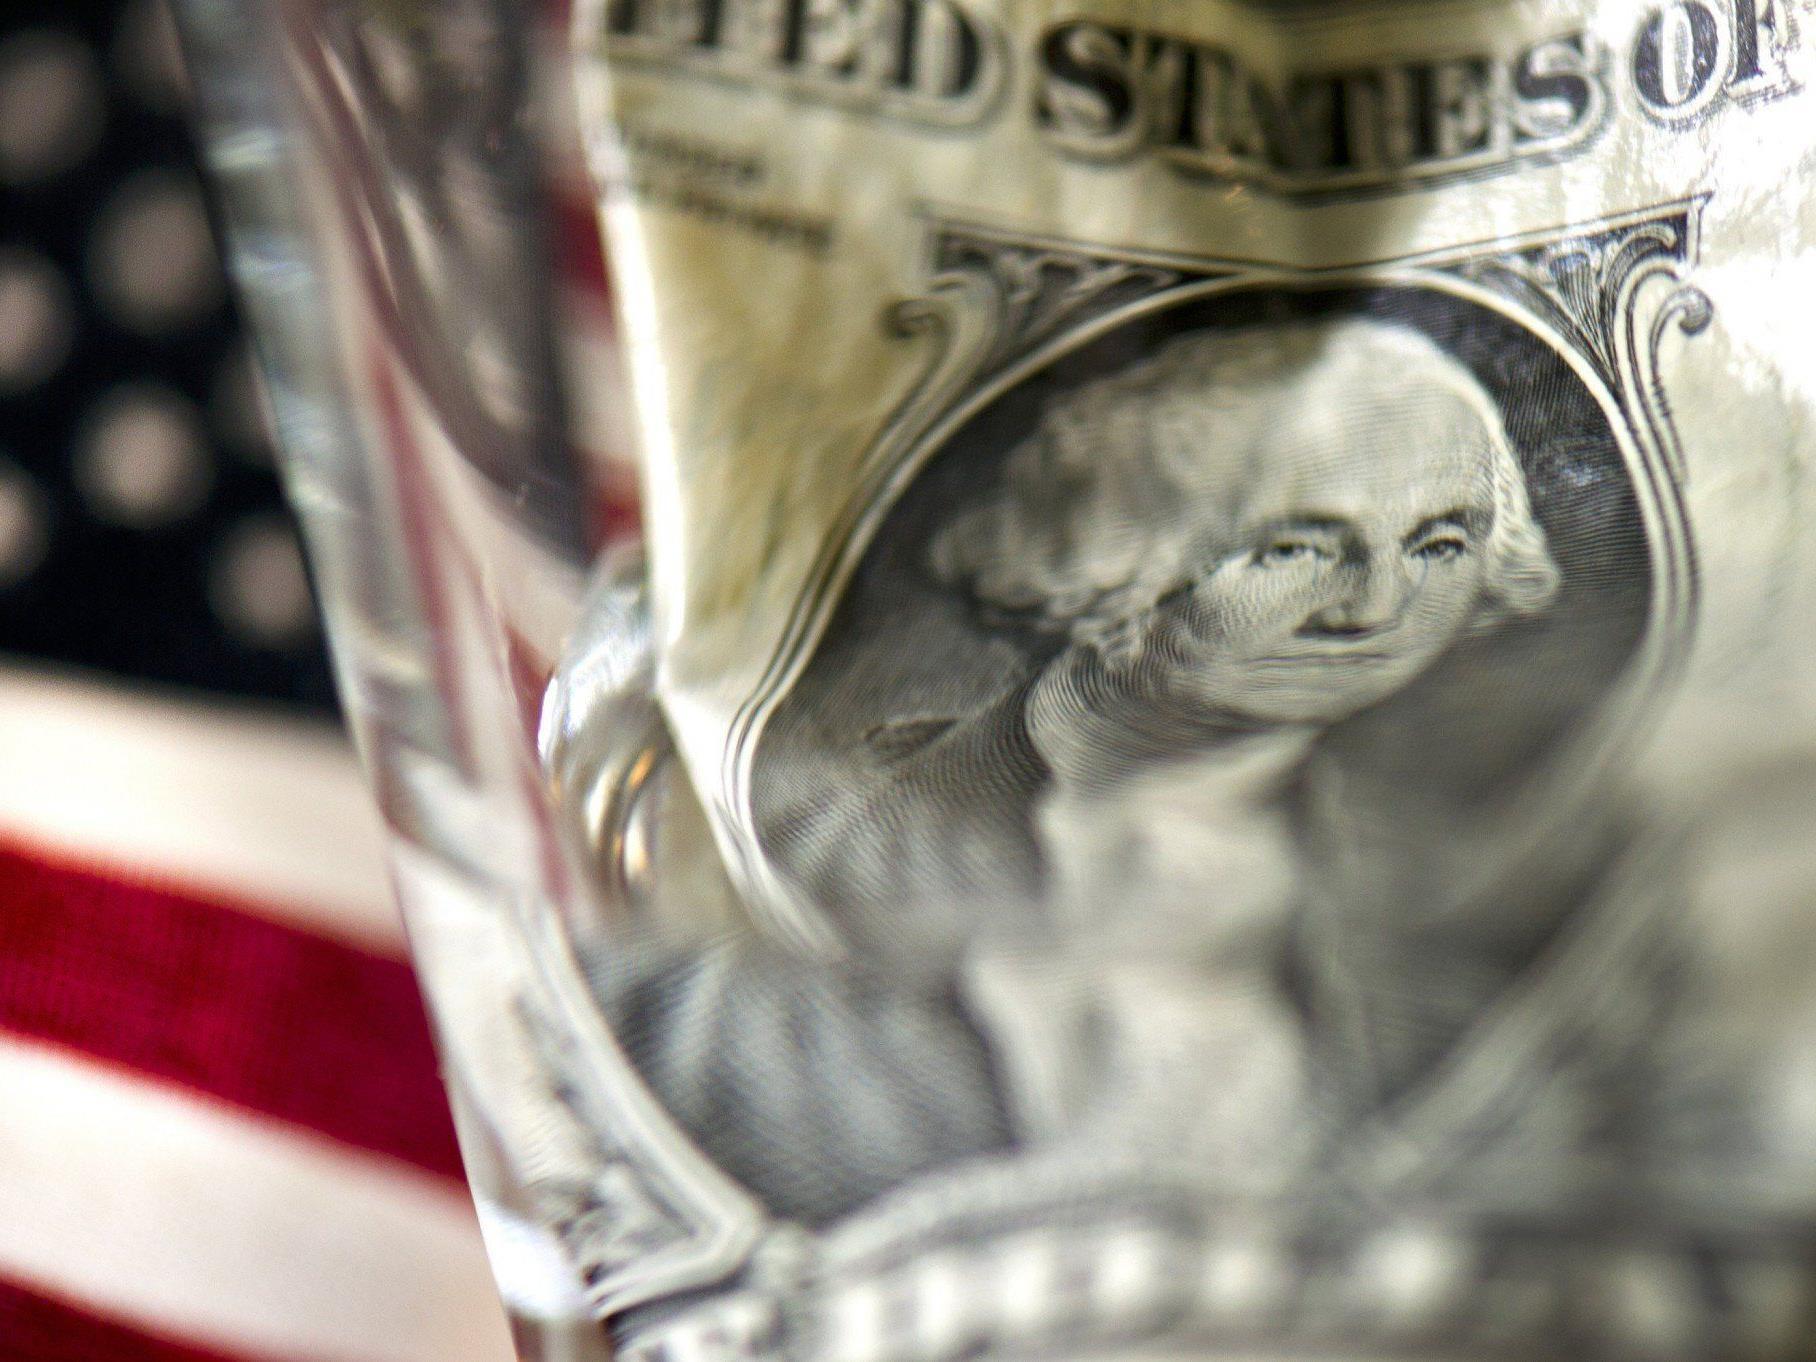 US-Budgetstreit eskaliert - Öffentliche Verwaltung weitestgehend lahmgelegt.